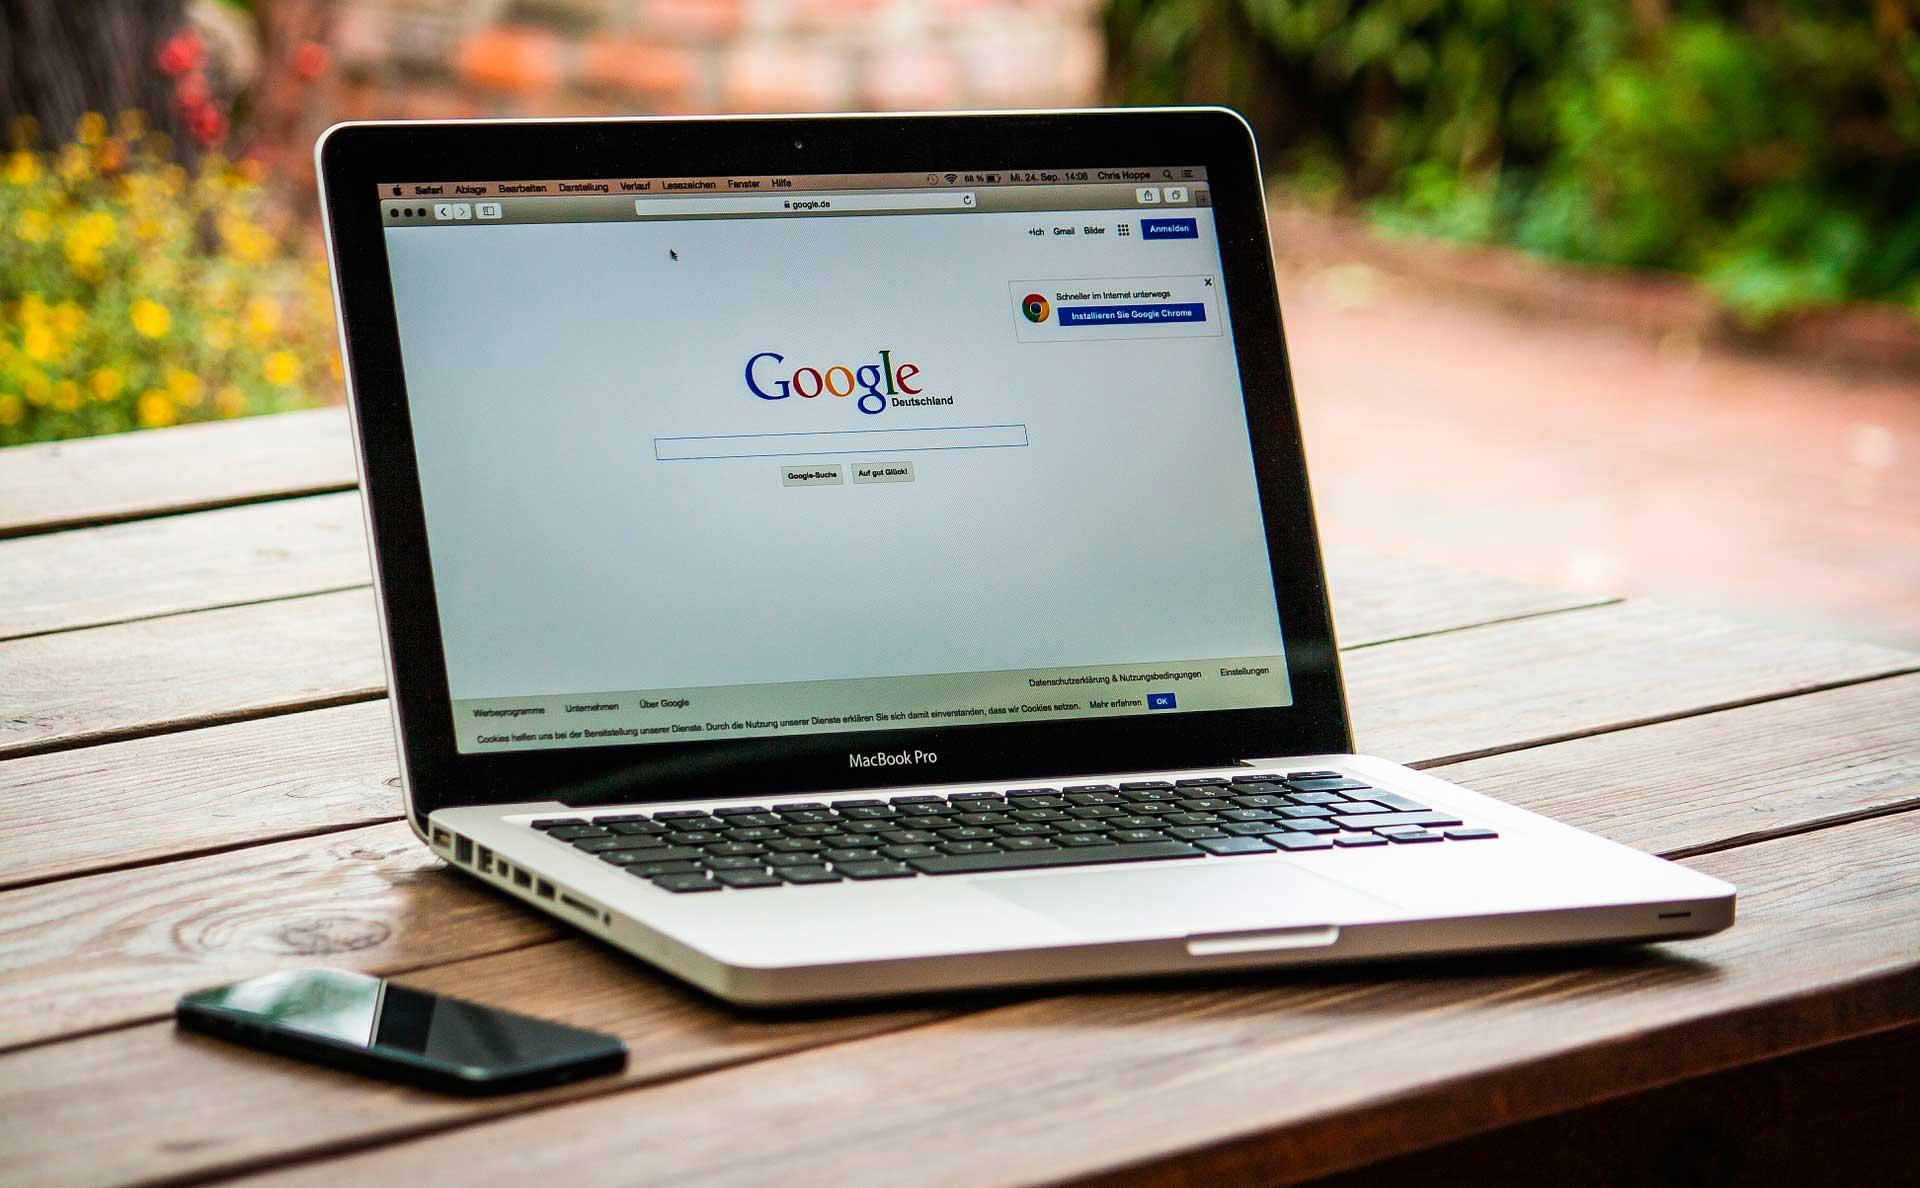 planificador de google